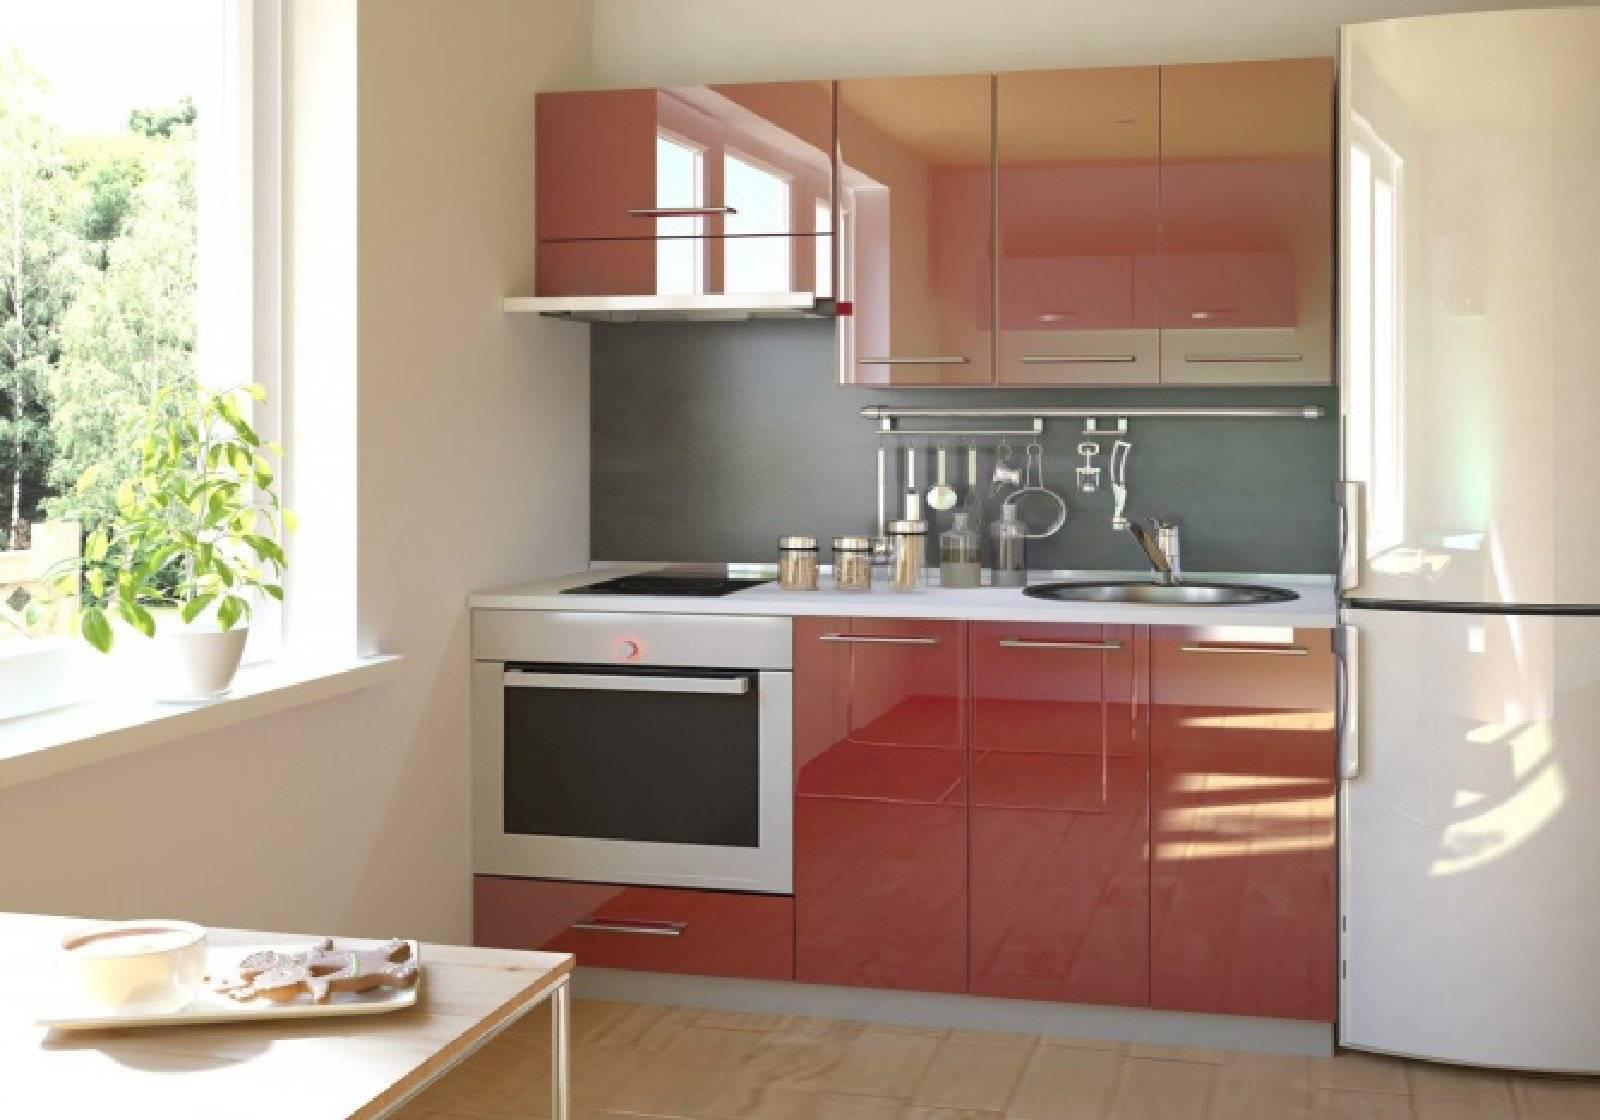 Кухня 7 кв метров - реальные фото современных кухонь